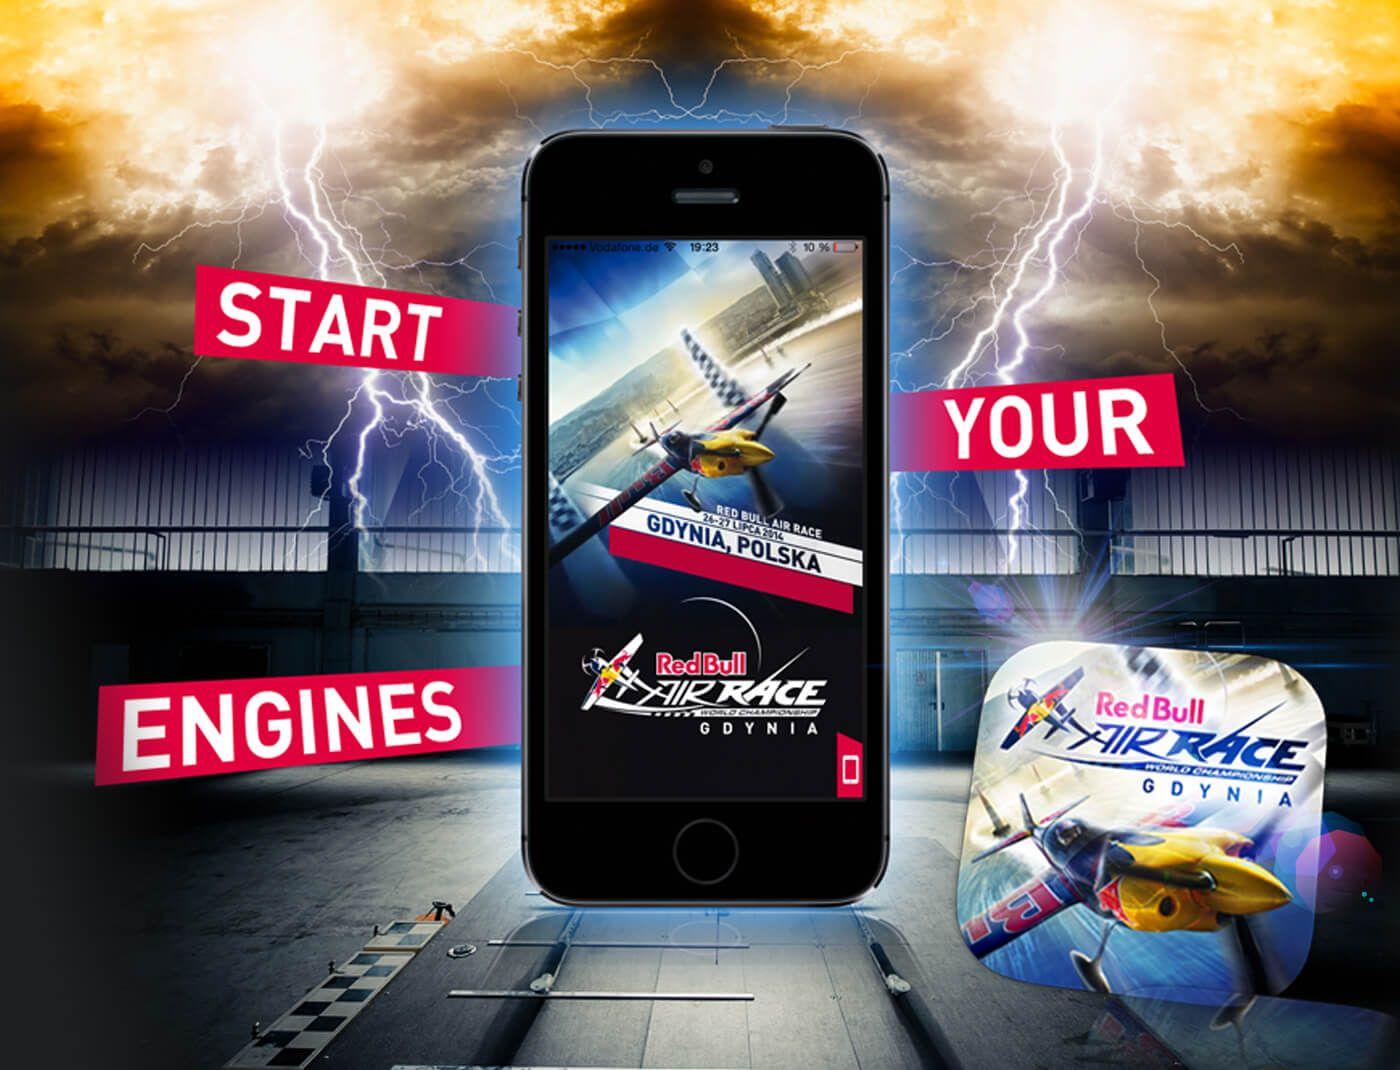 Red Bull Air Race App - Smartphone App zum AIR RACE mit Live-Infos zum laufenden Rennen via Push-Notification und zahlreichen Backgroundinfos. Implementierung von Gewinnspielen, Event-Maps und zahlreichen Features…